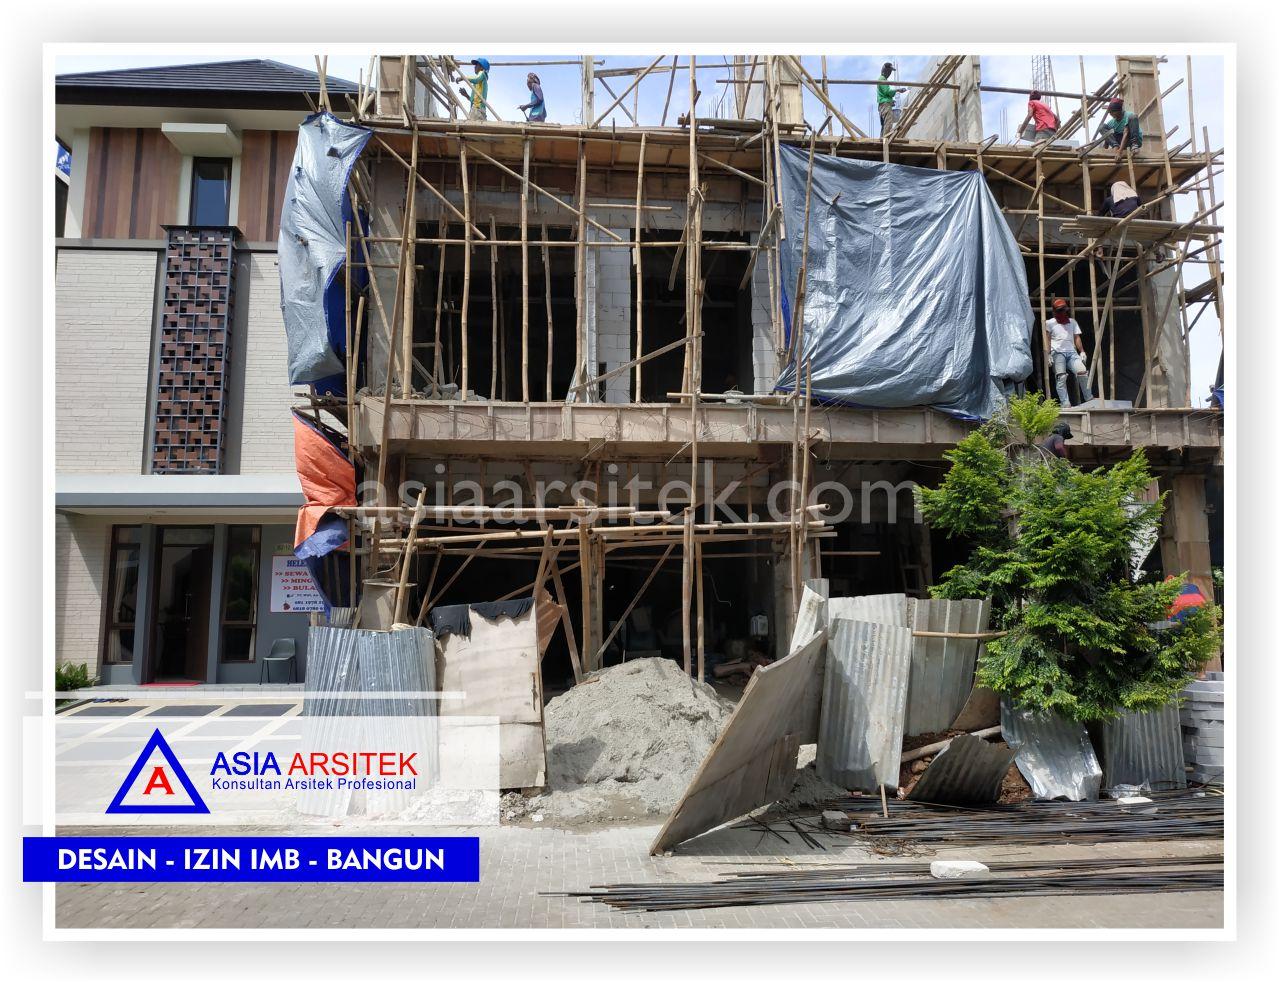 Tampak Depan Rumah Bpk Hendra Joe - Arsitek Desain Rumah Minimalis Modern Di Tangerang-Jakarta-Bogor-Bekasi-Bandung-Jasa Konsultan Desain Arsitek Profesional (2)